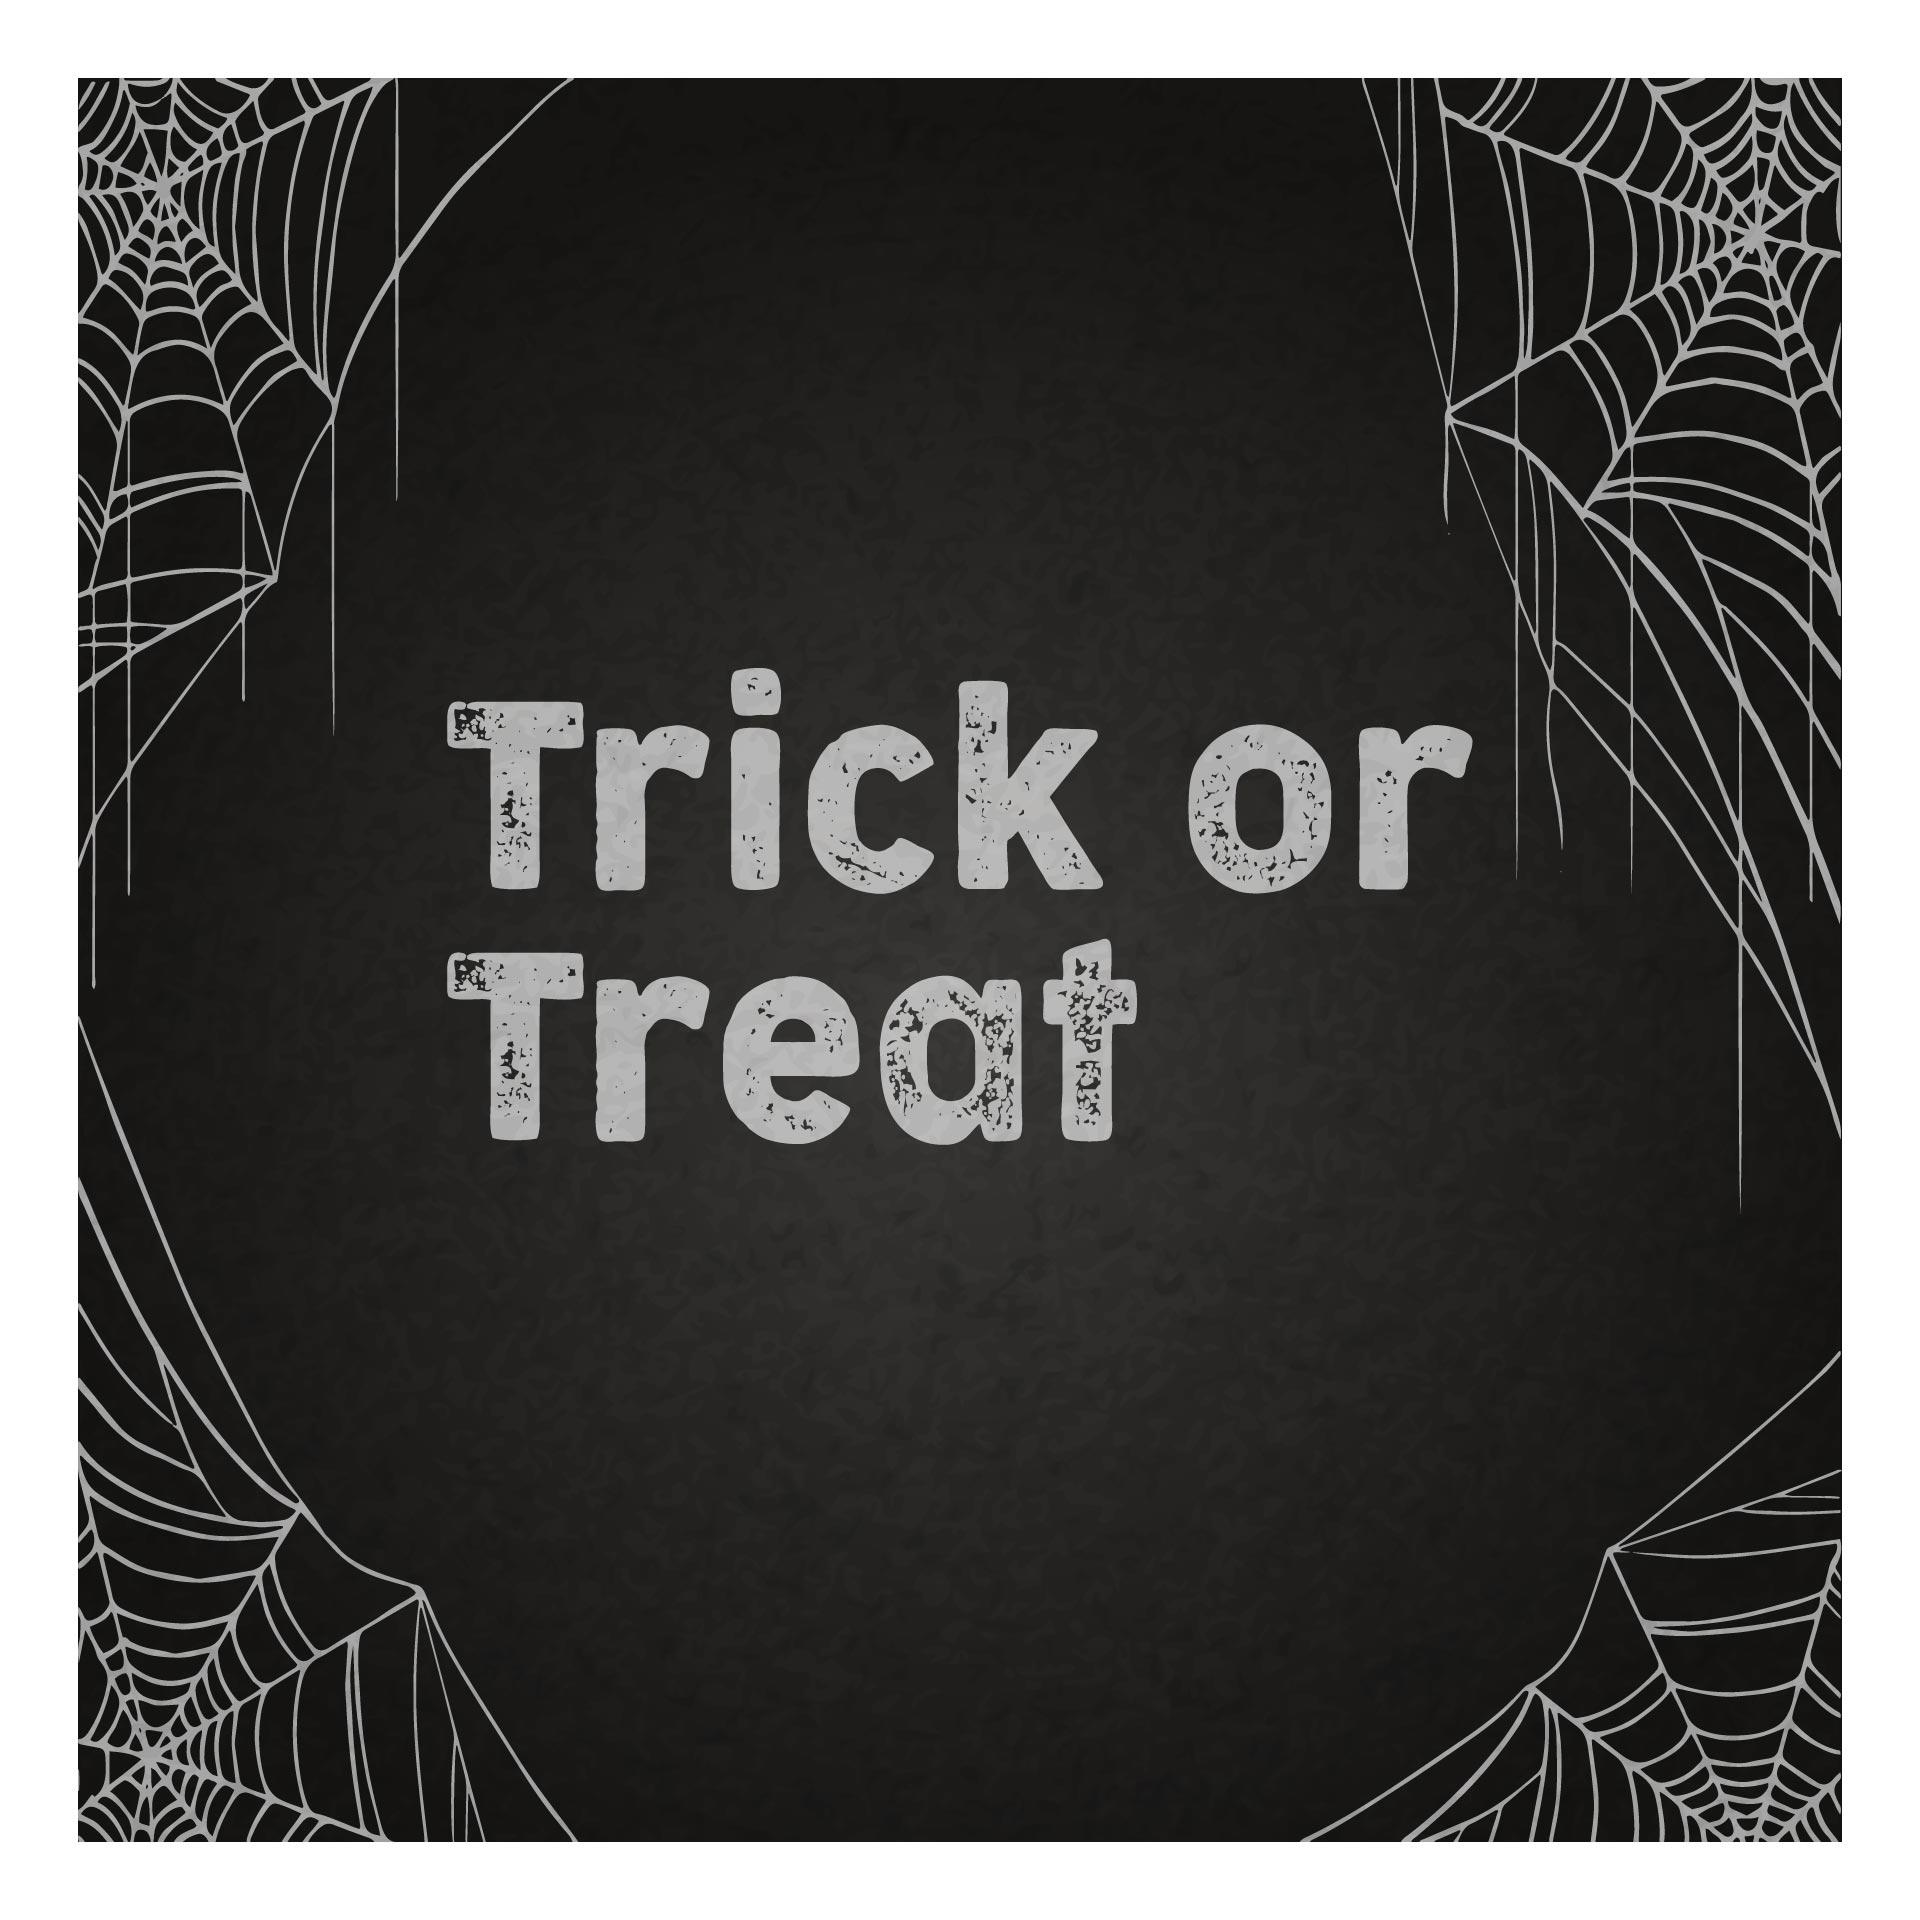 Printable Halloween Chalkboard Art